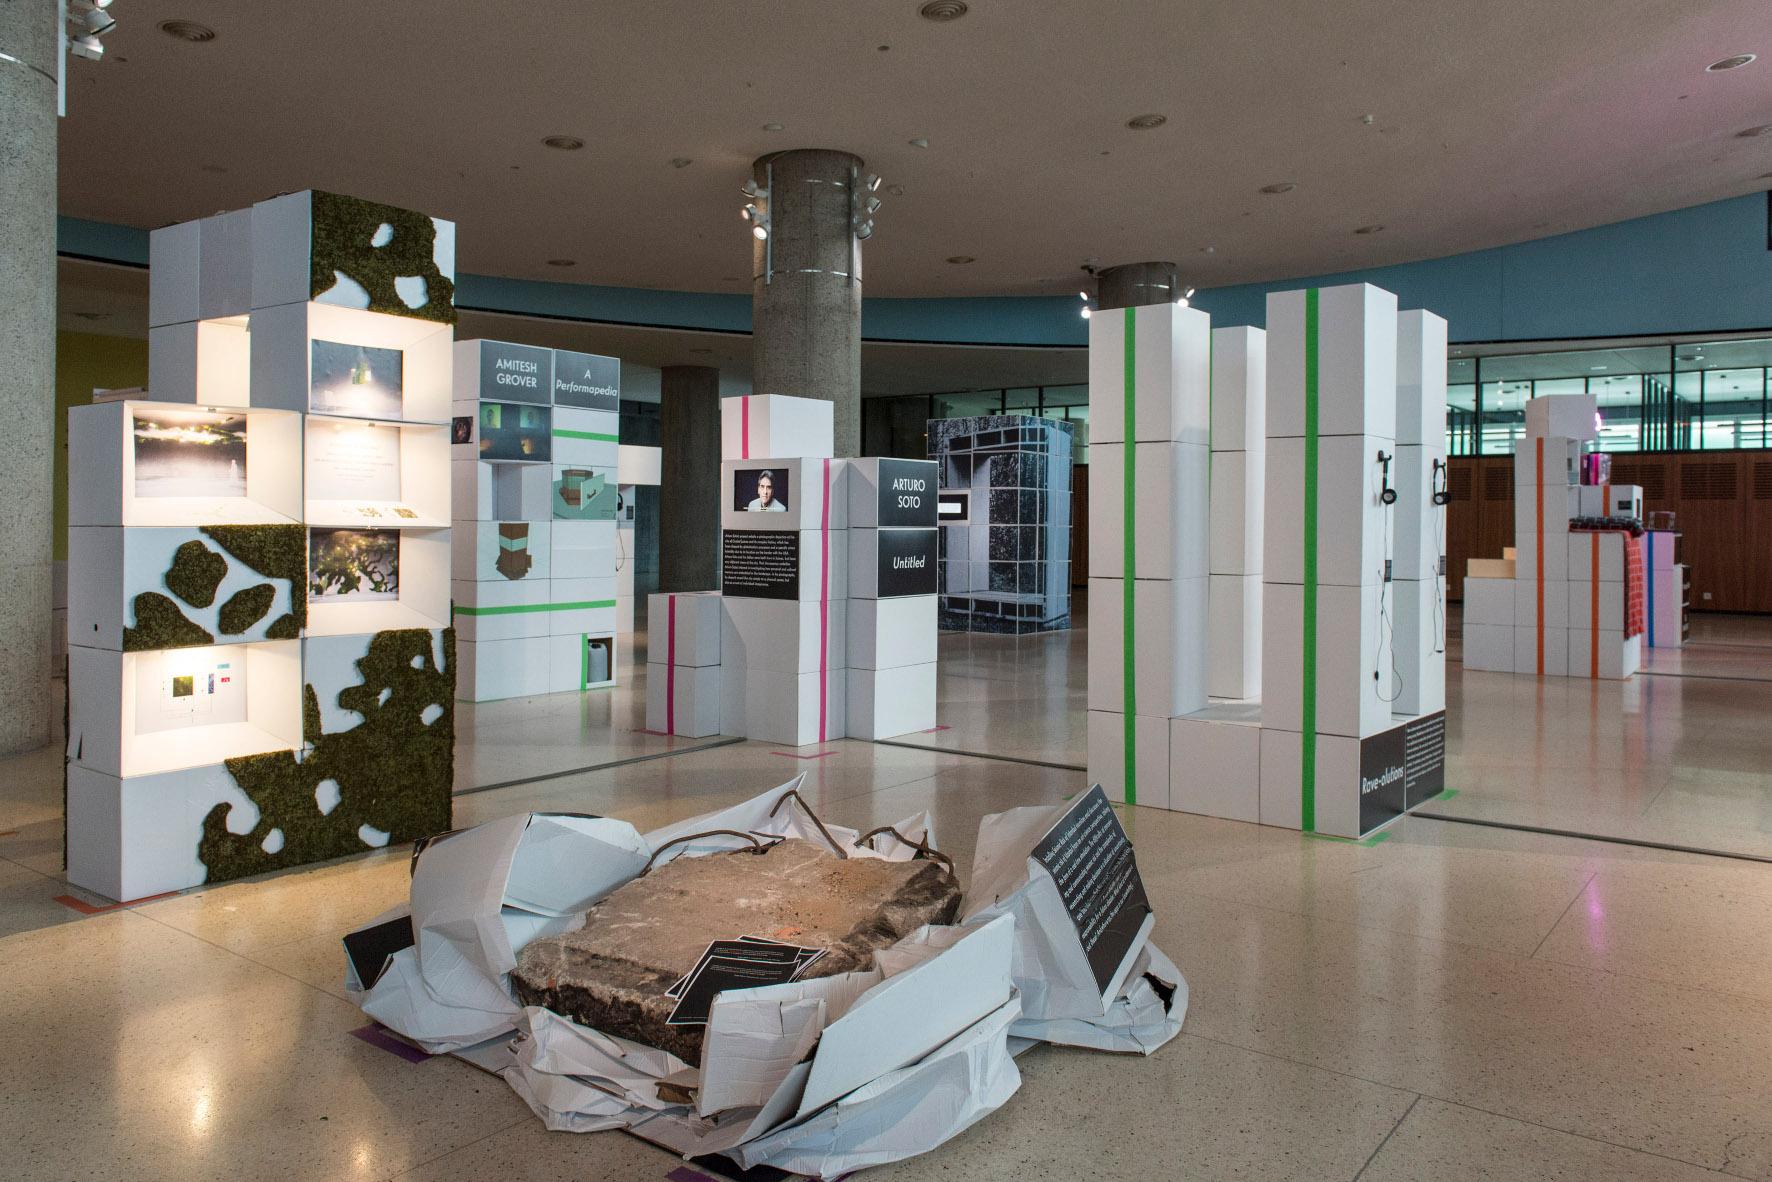 Haus der Kulturen der Welt HKW, Berlin  Forecast Forum - Lobby - Meta Display - Conrcrete slab, boxes, 2015 - Copyright Marcus Lieberenz